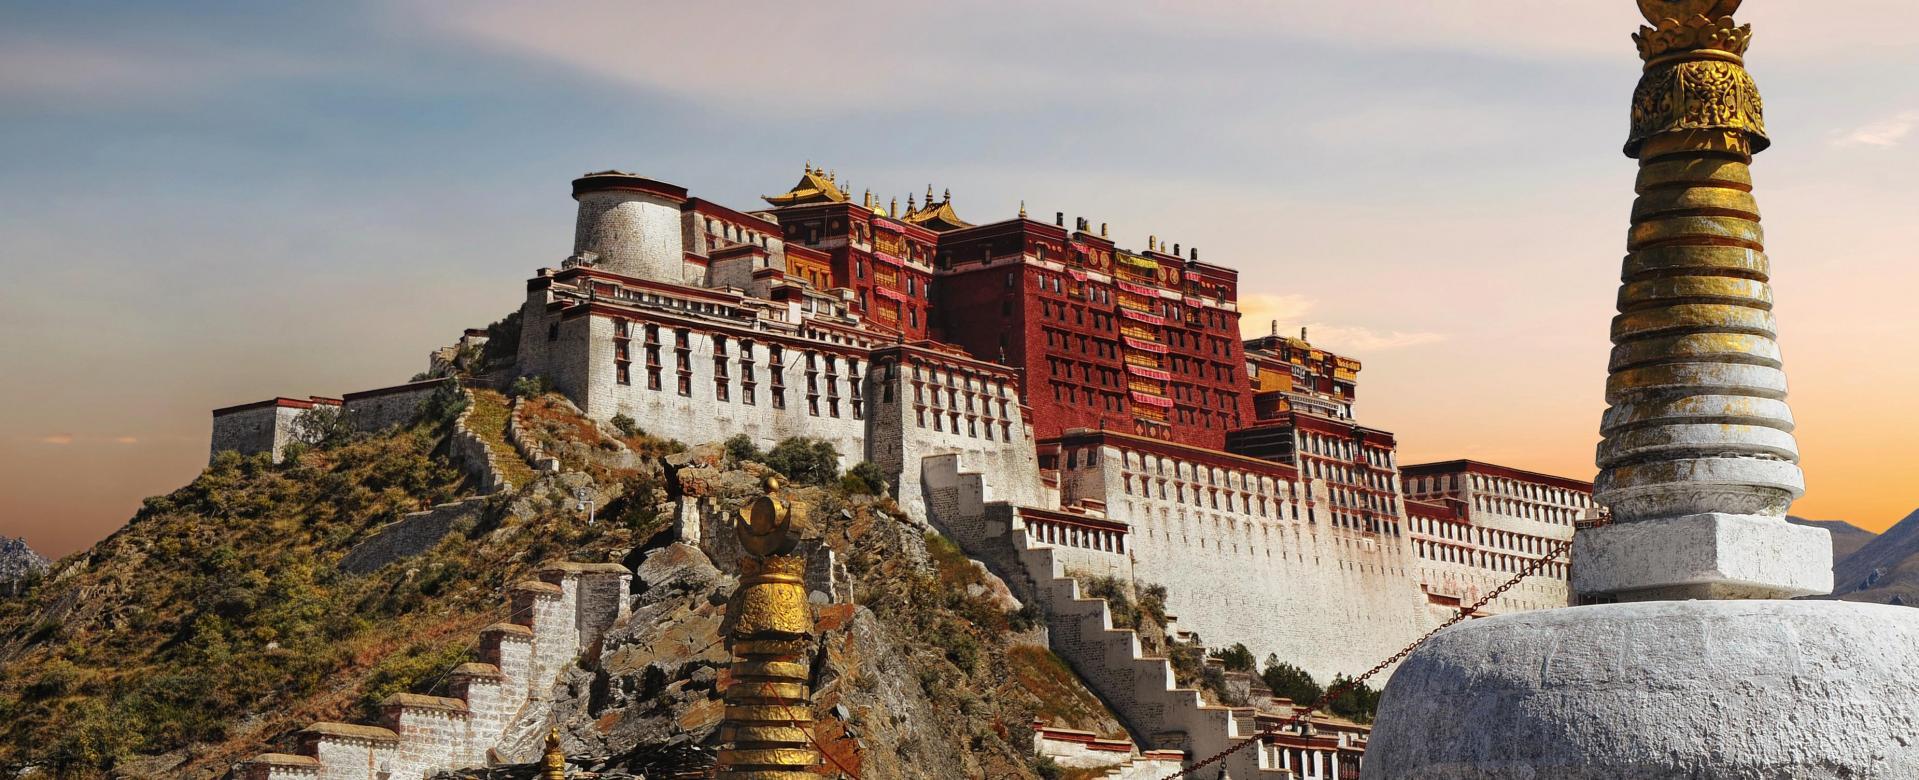 Voyage à pied : Pékin-lhassa, le train céleste